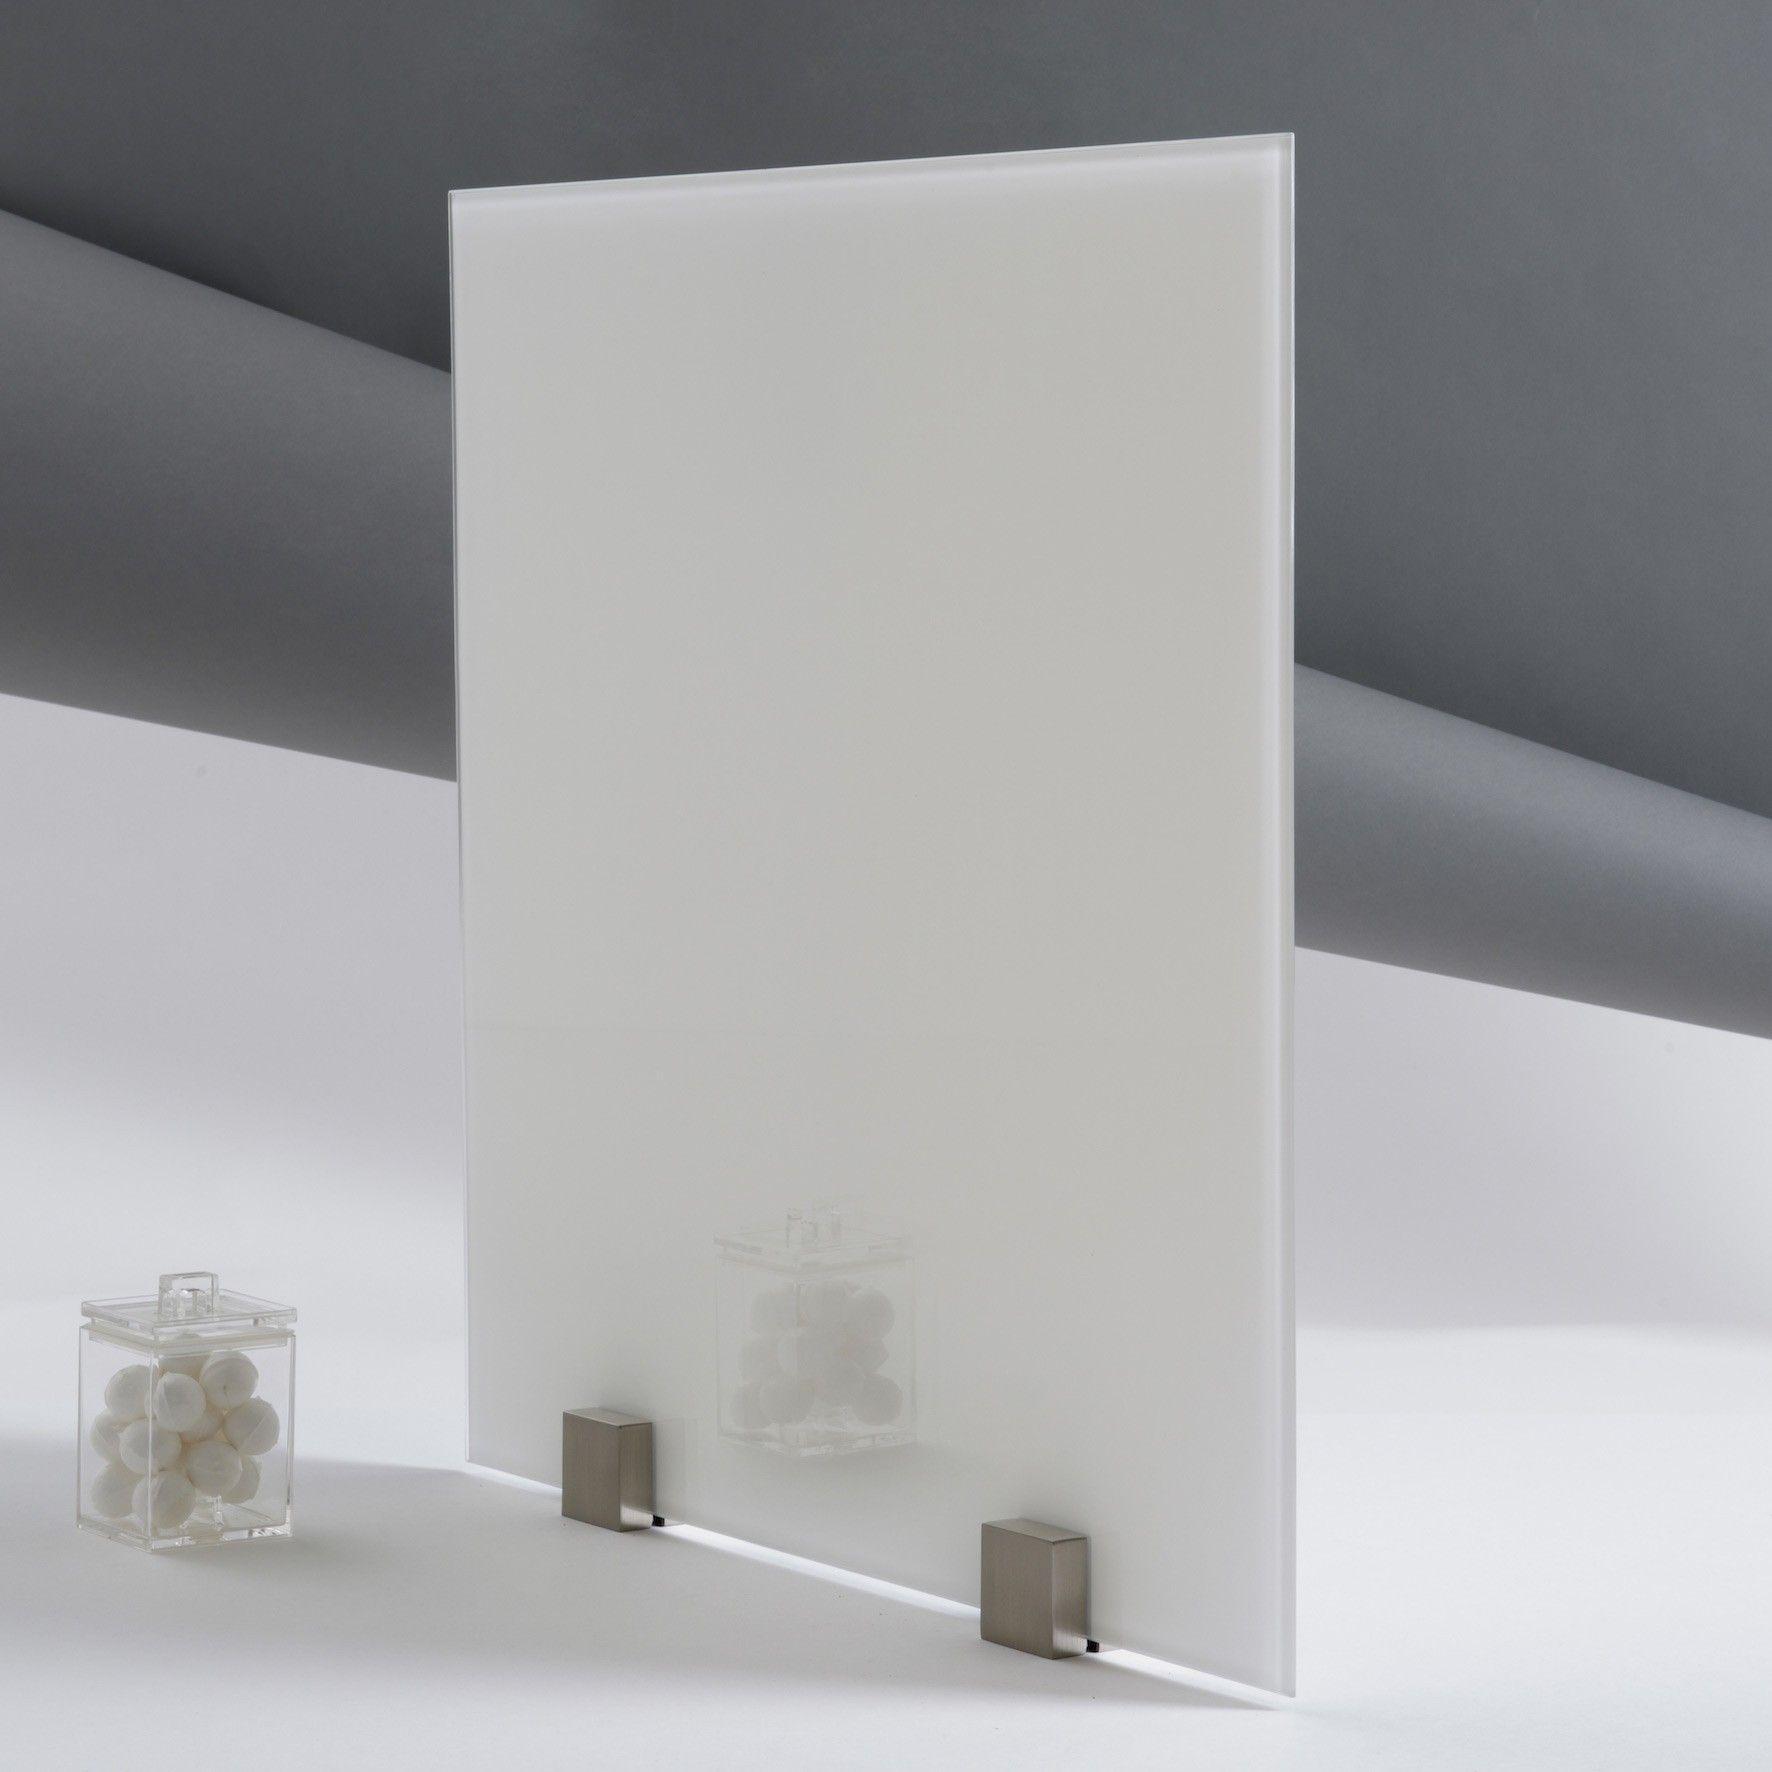 Verre tremp laqu noir paisseur 6 mm for Credence verre trempe noir